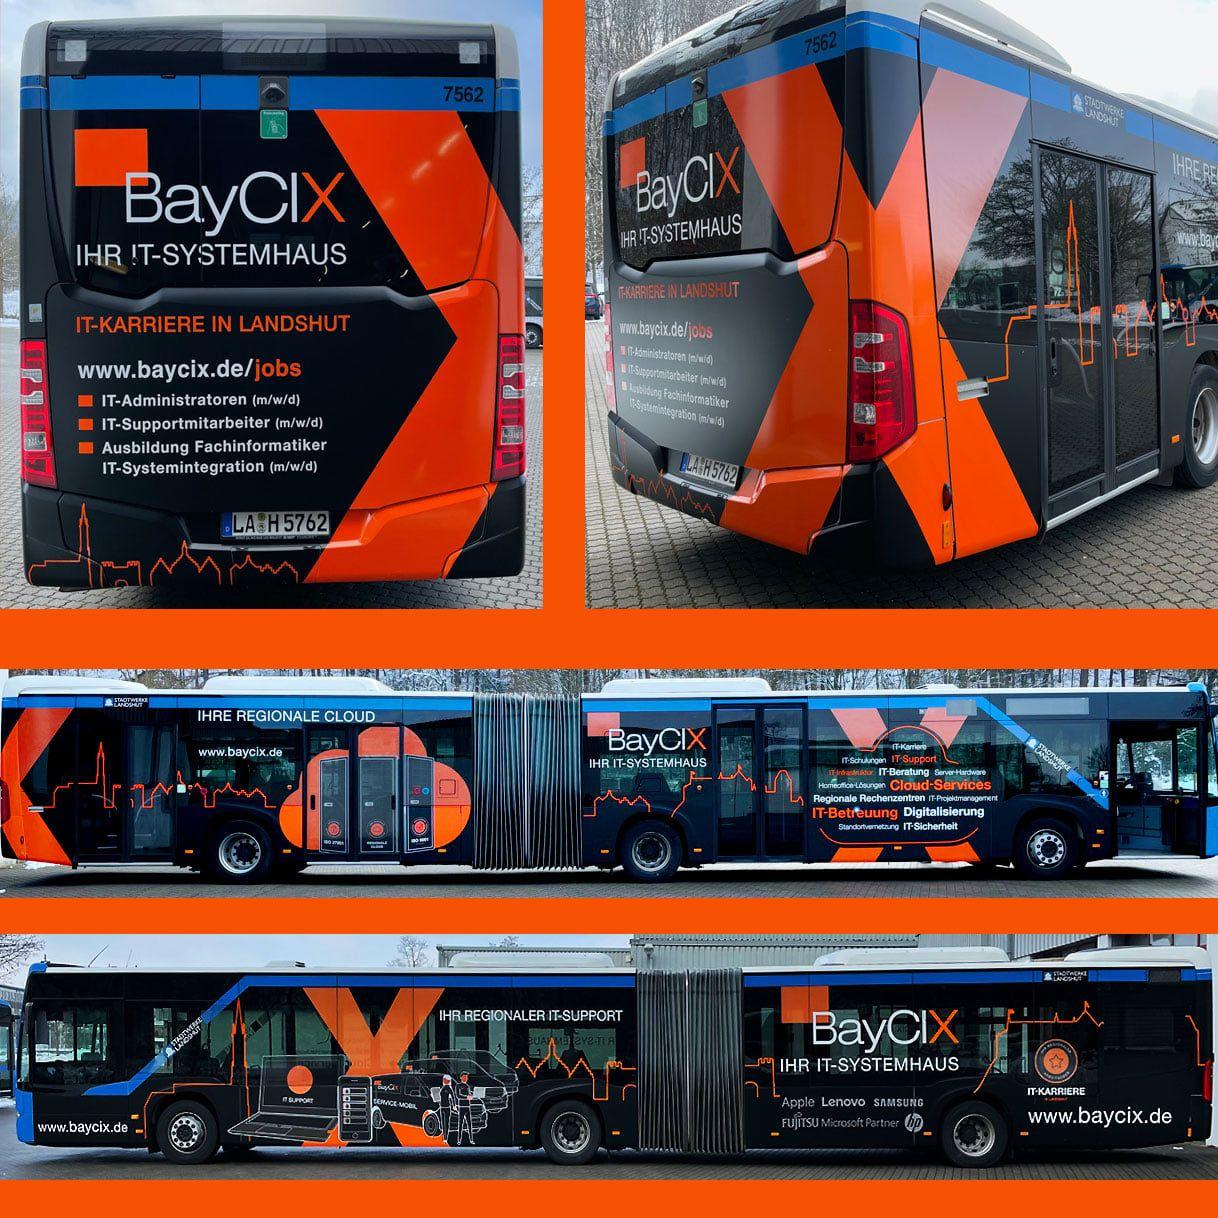 Stadtbus der Stadtwerke Landshut, Fahrzeugwerbung für den Werbepartner BayCIX dem IT-Systemhaus aus Landshut.